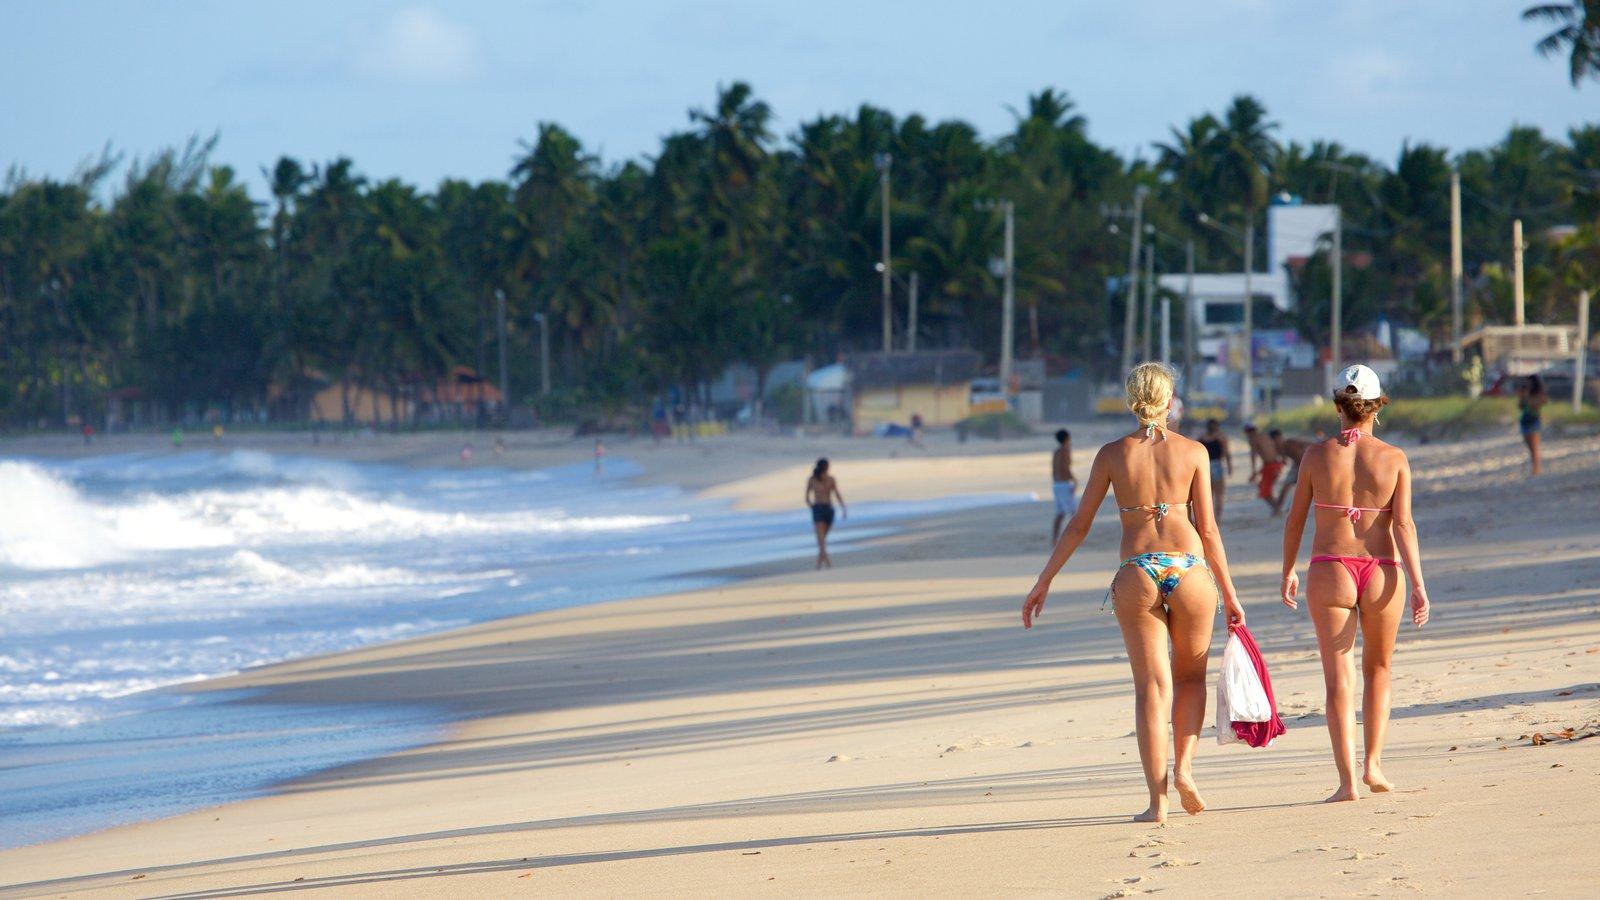 Praia de Maracaípe que inclui paisagens litorâneas, uma praia e cenas tropicais